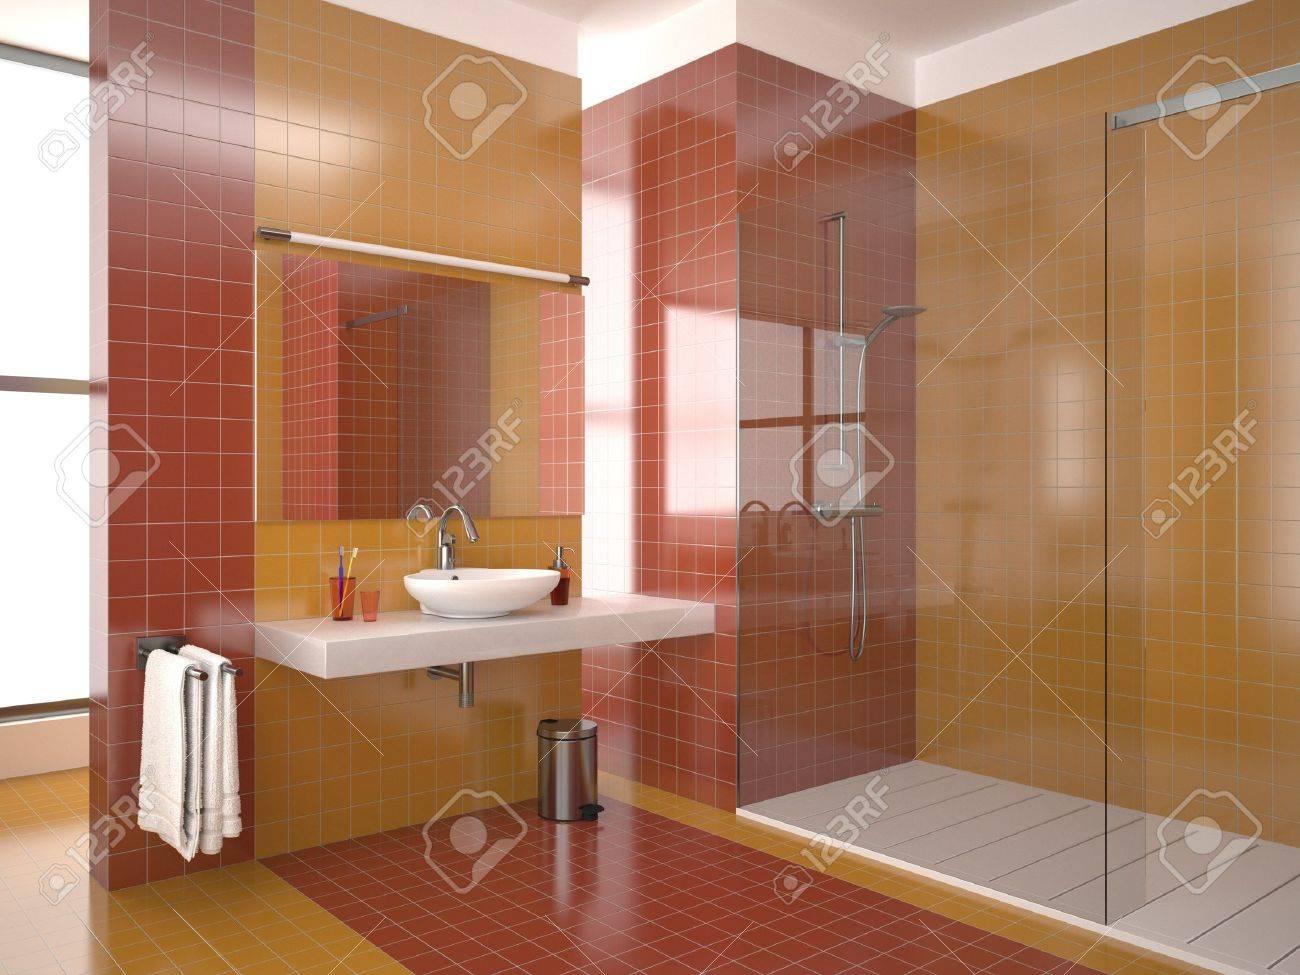 Bagno arancione tappeto antiscivolo cm in spugna sintetica